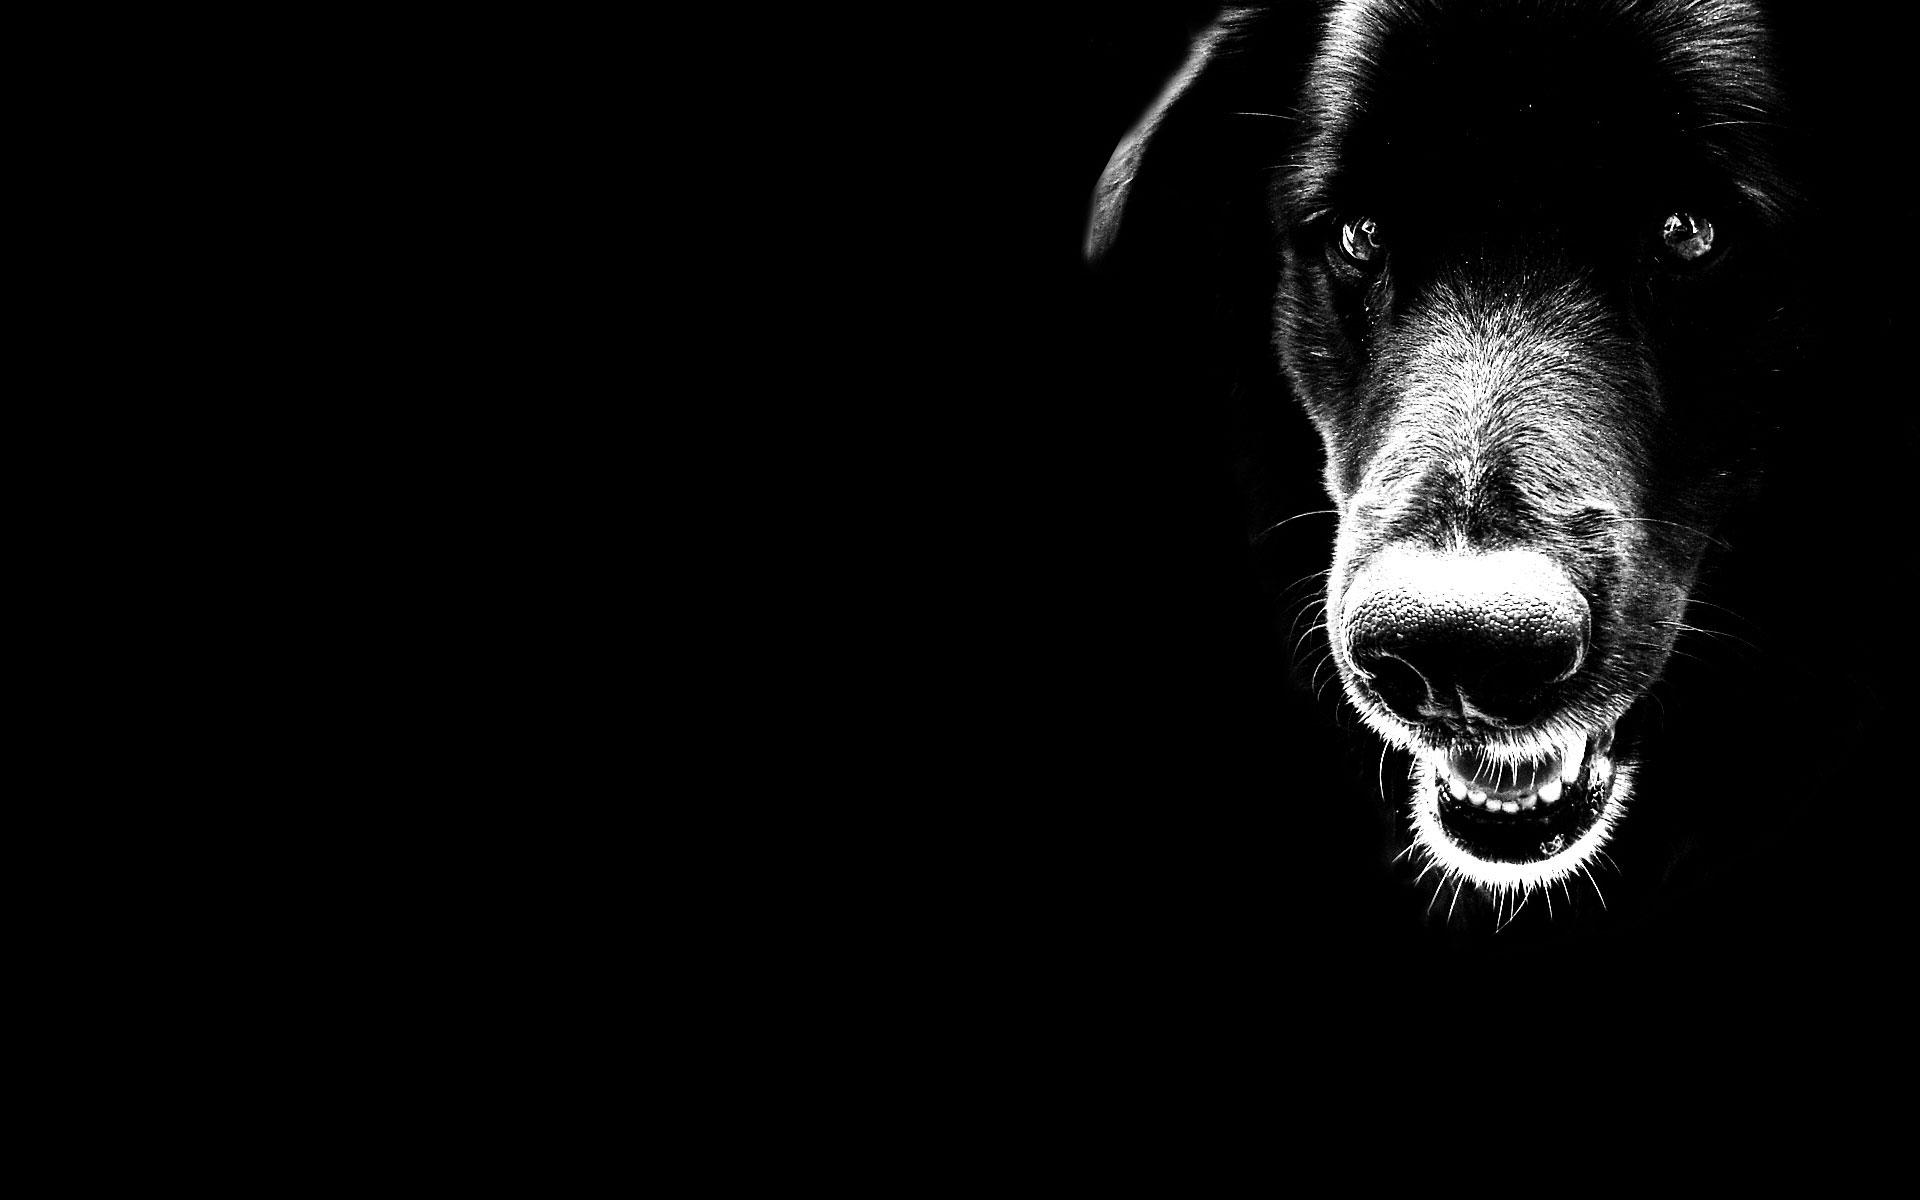 Фото, обои для рабочего стола, собака, dog